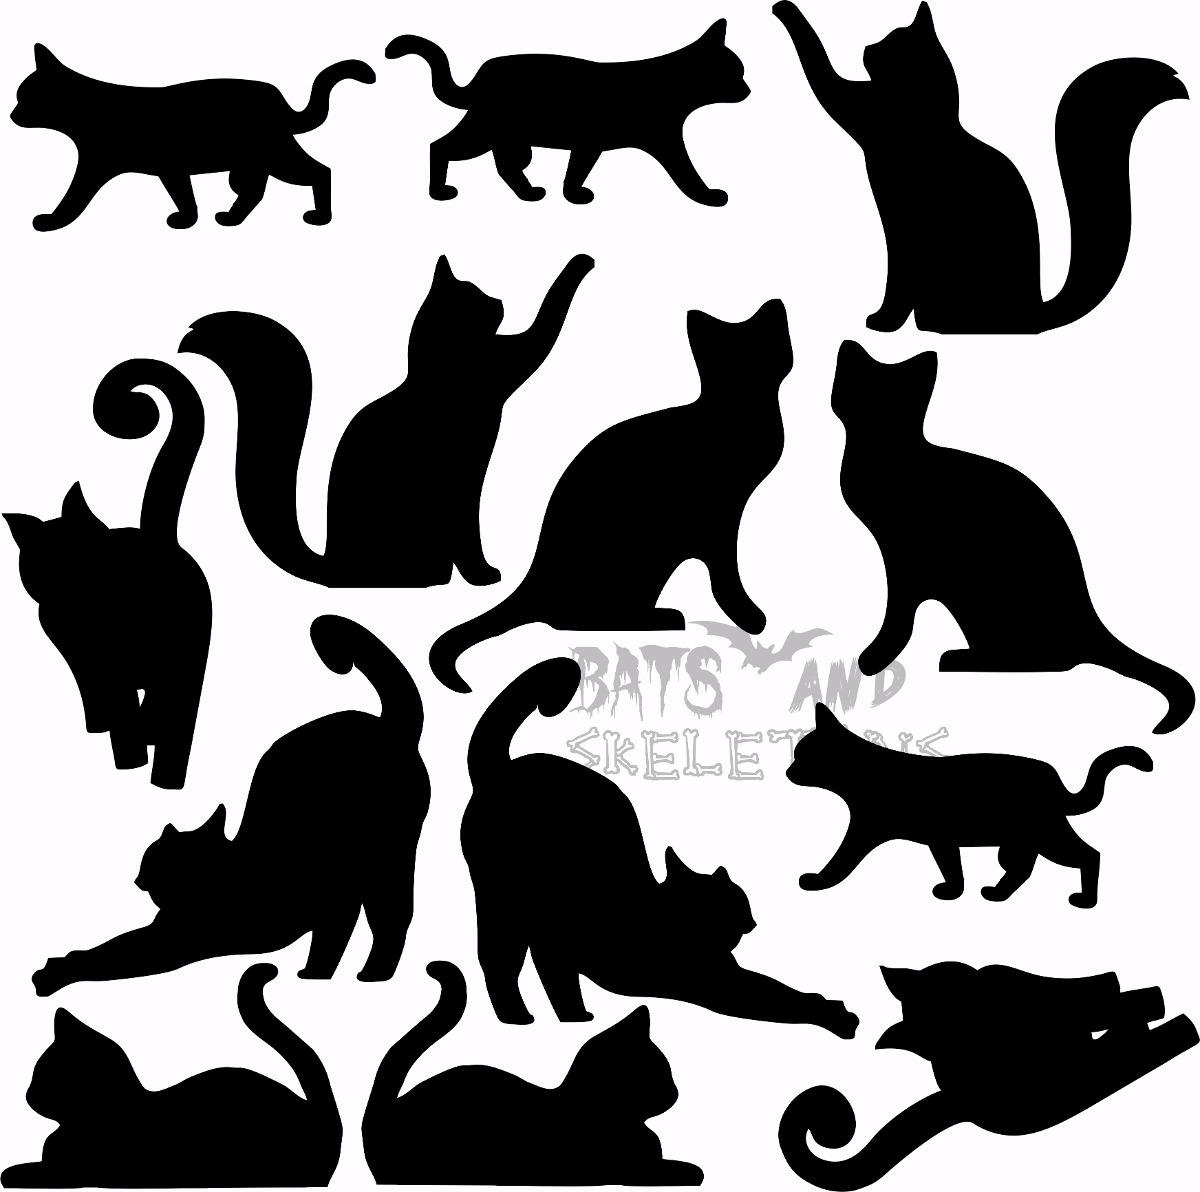 Adesivos De Rosto Halloween ~ Cartela Adesivo 13 Gatos Preto Vinil Decoraç u00e3o Halloween R$ 22,00 em Mercado Livre